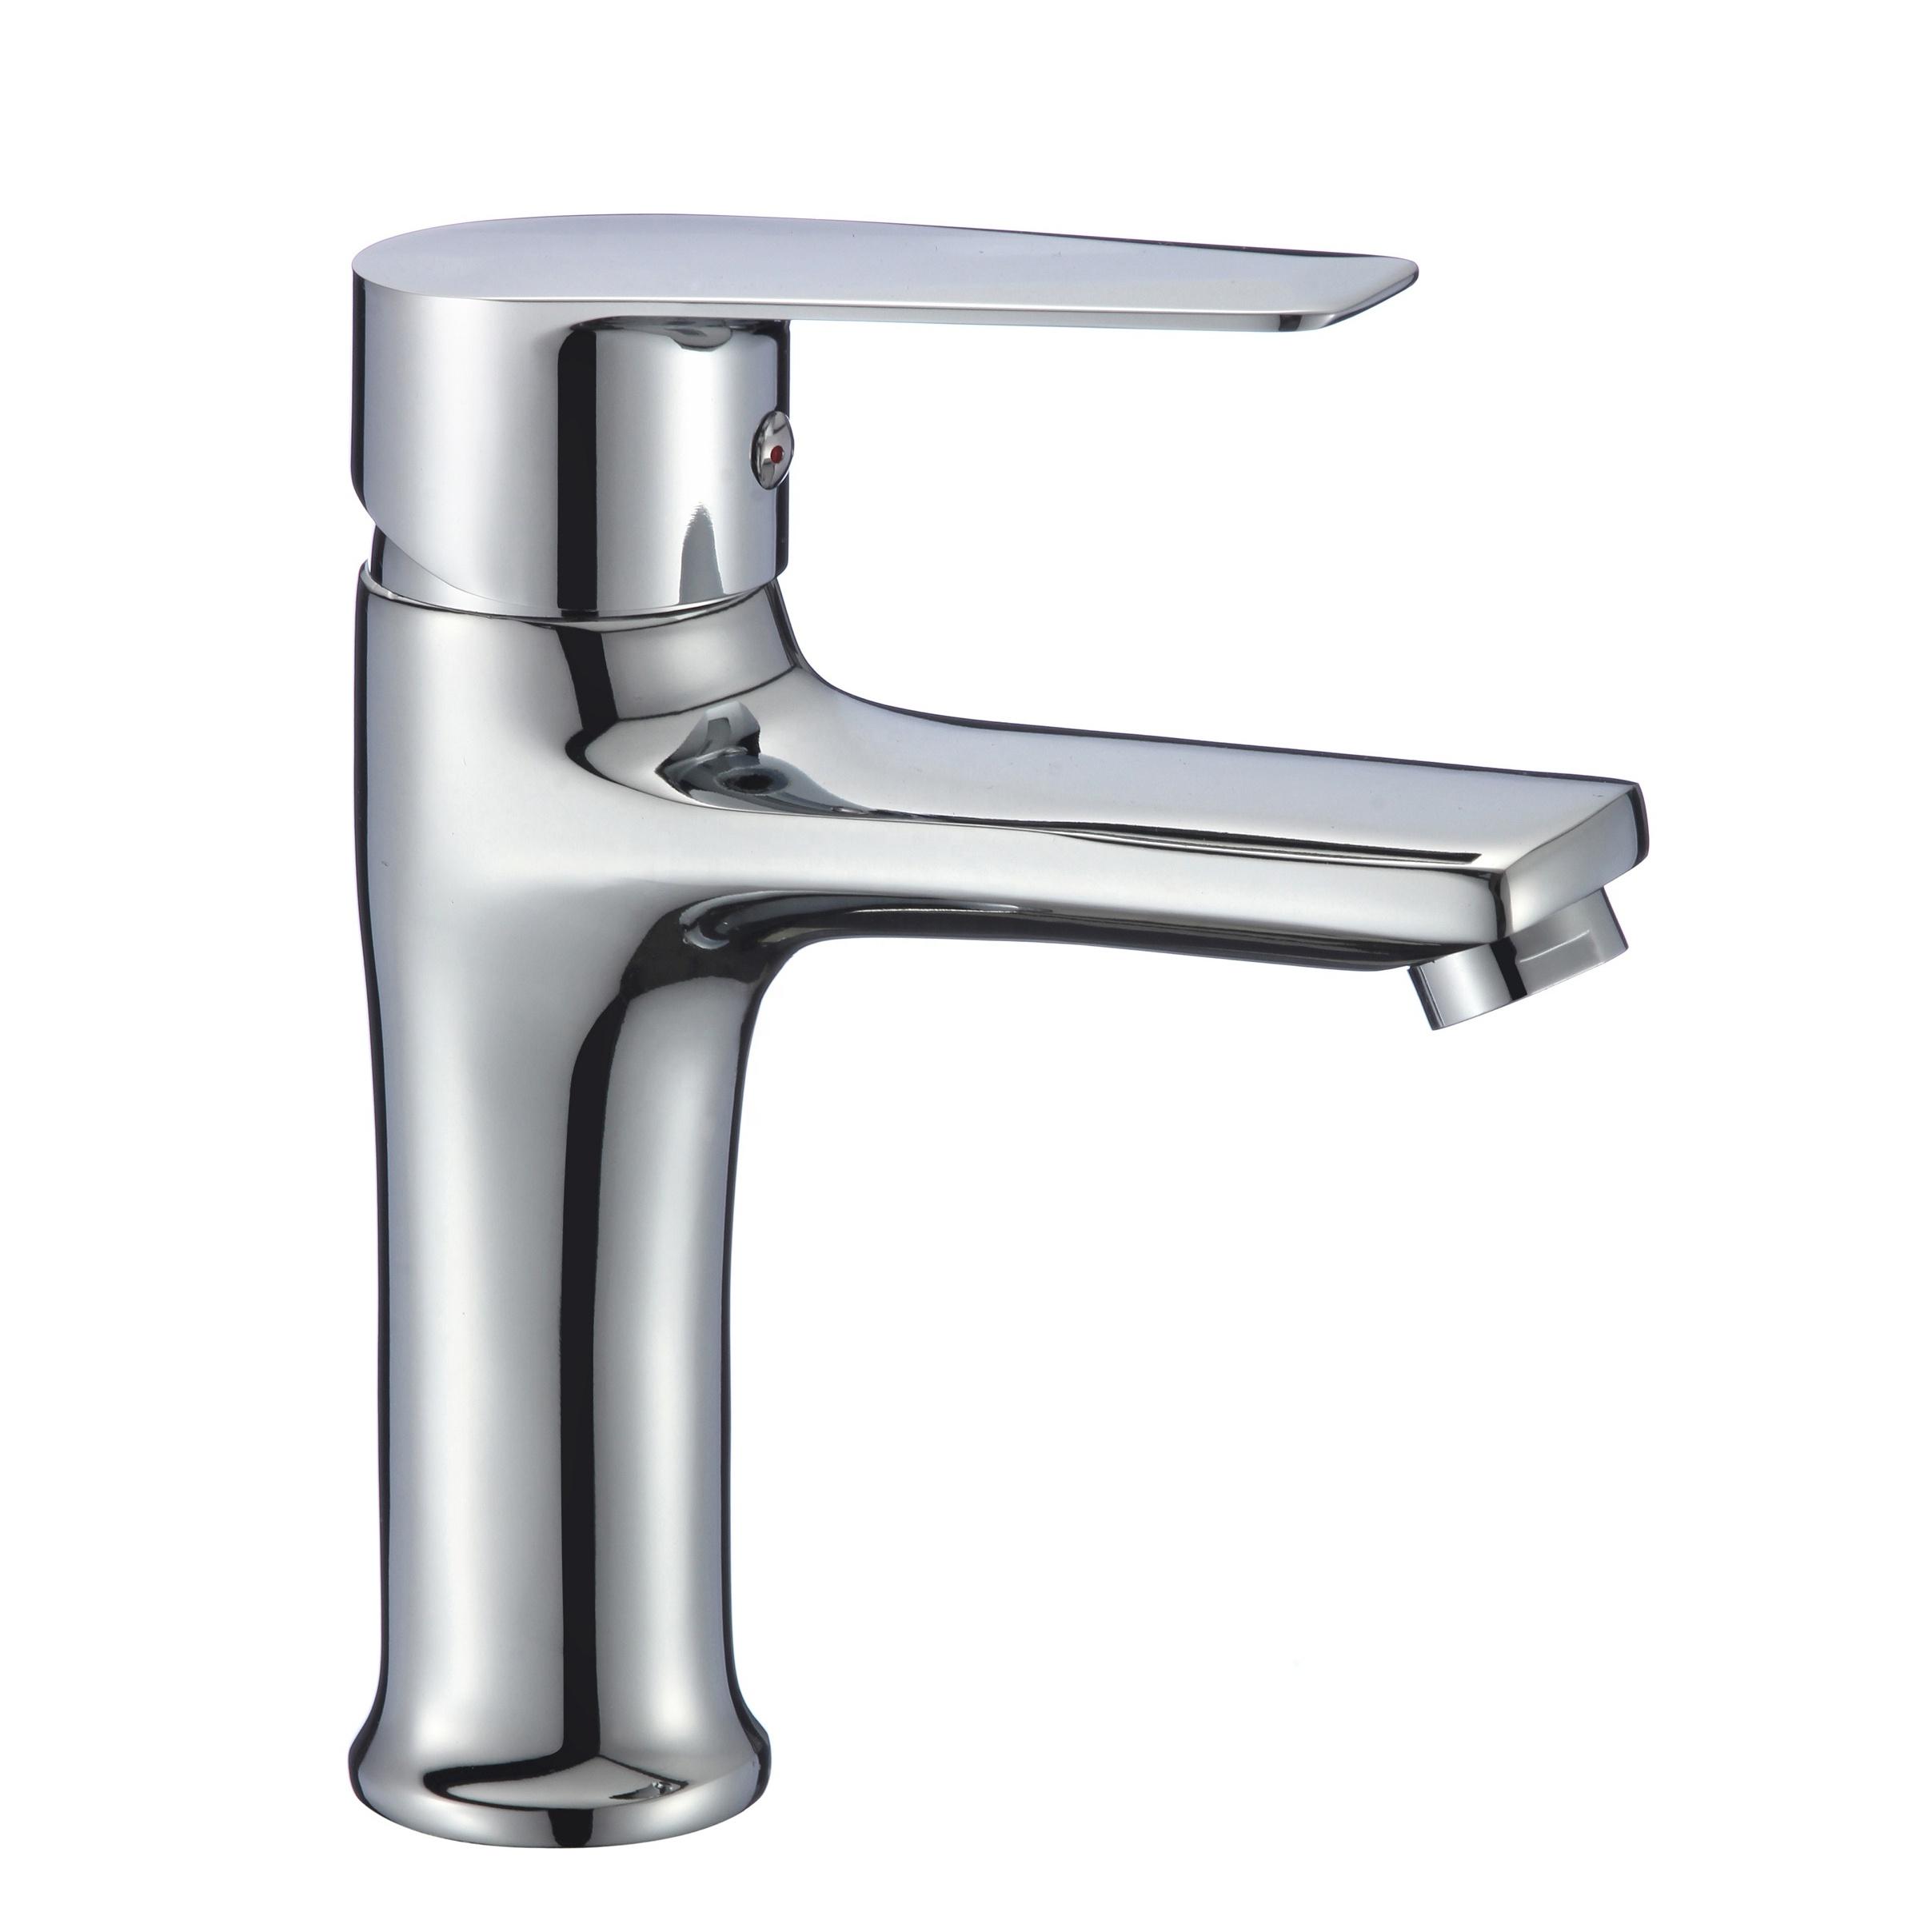 B0076-B настенный цинка однорычажный смеситель для душа и ванной кран для ванной комнаты смеситель для раковины